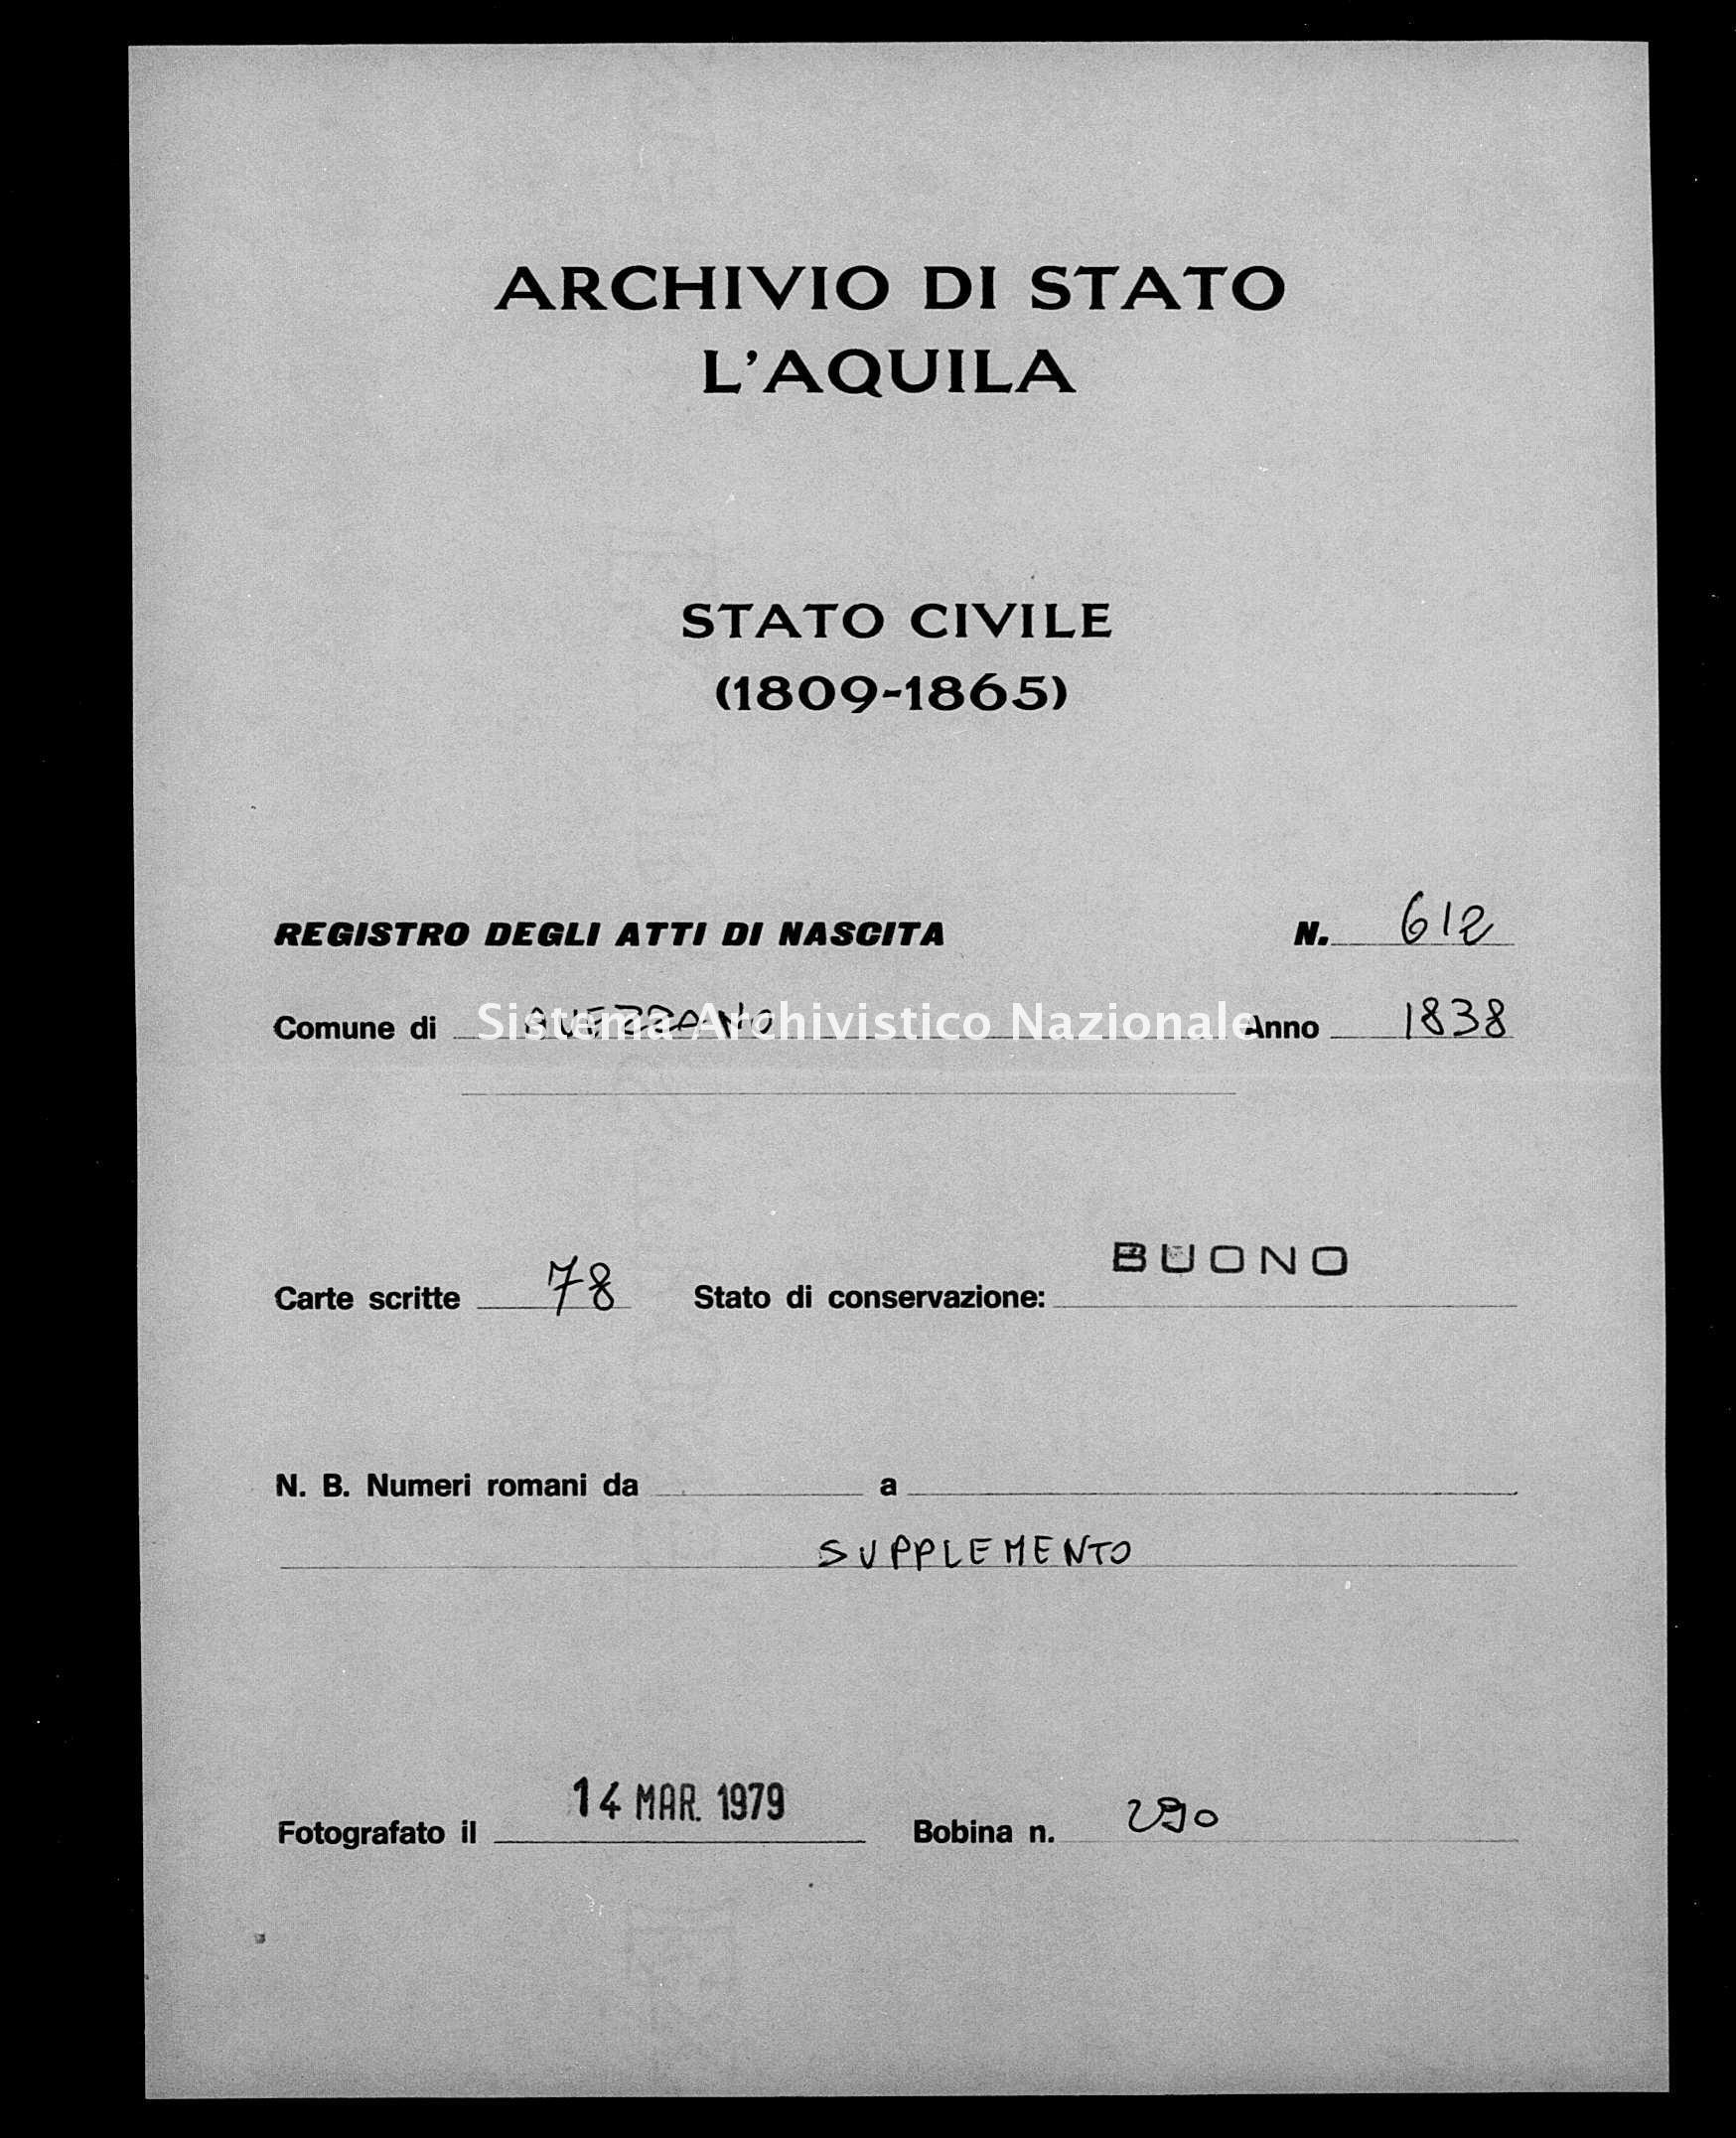 Archivio di stato di L'aquila - Stato civile della restaurazione - Avezzano - Nati, battesimi - 1838 - 612 -